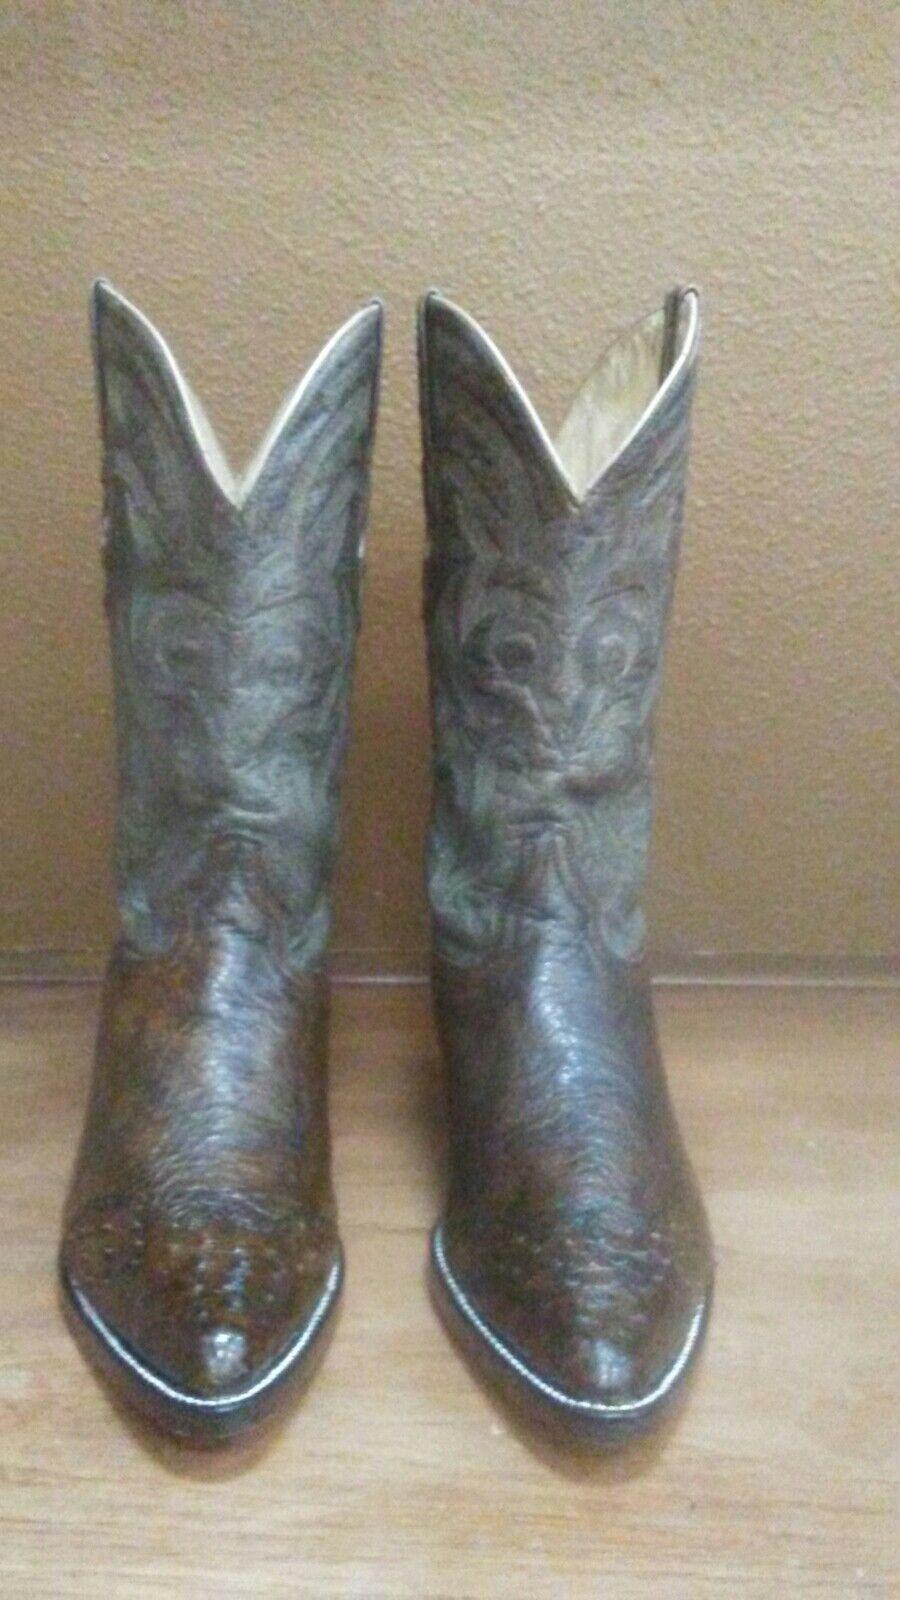 Para Hombre botas De Vaquero Avestruz 9 D Marrón El General Puntera Puntiaguda 3x Mano Restaurado